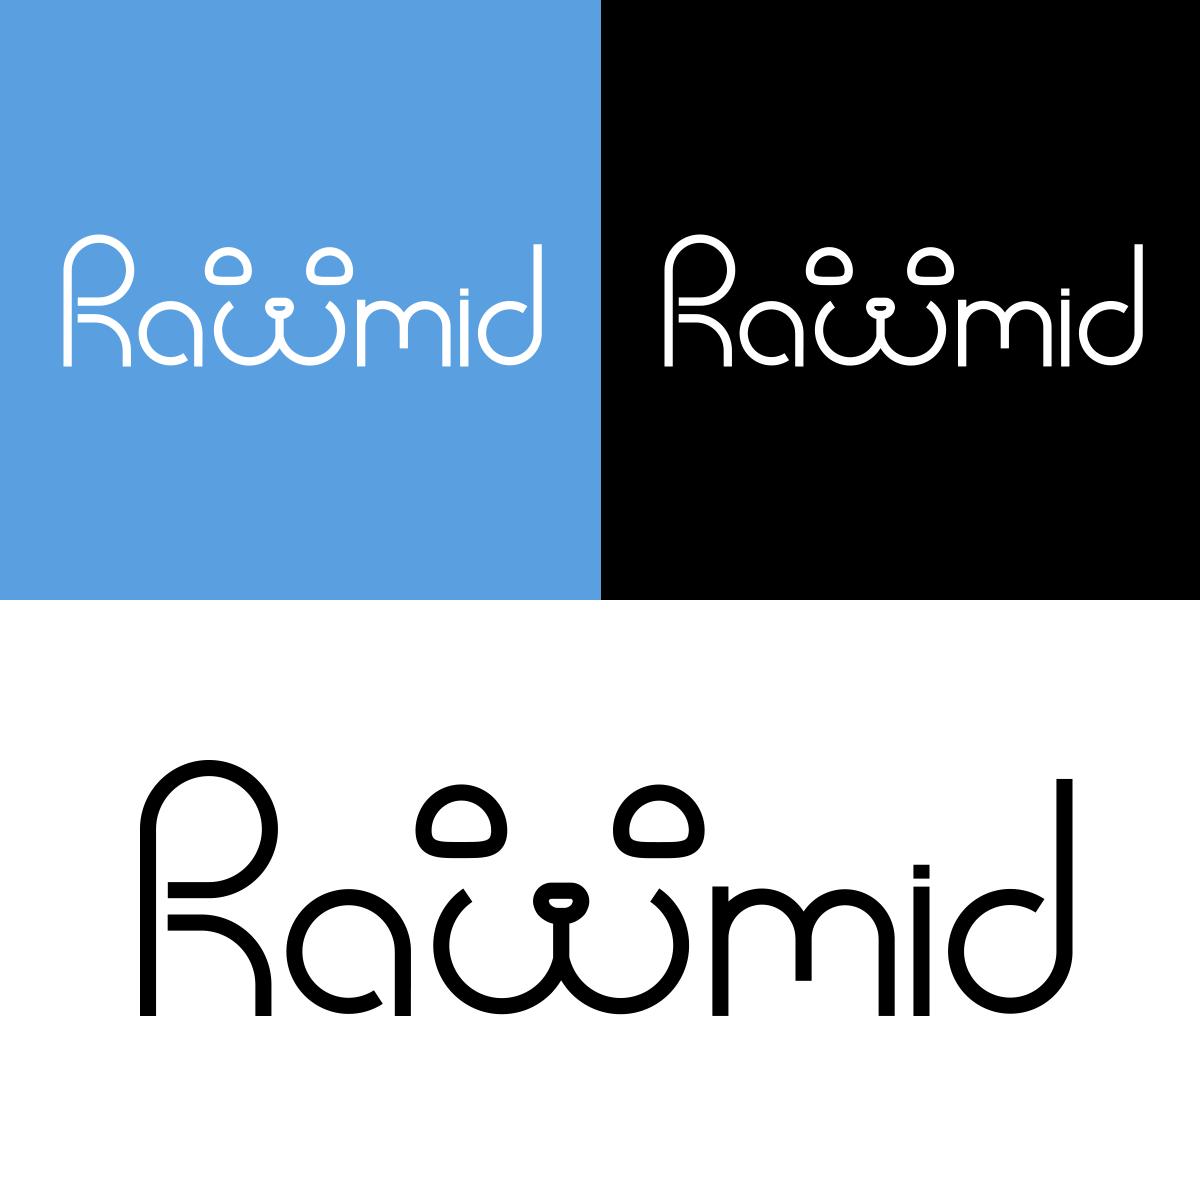 Создать логотип (буквенная часть) для бренда бытовой техники фото f_2155b4b360eb9dc8.png